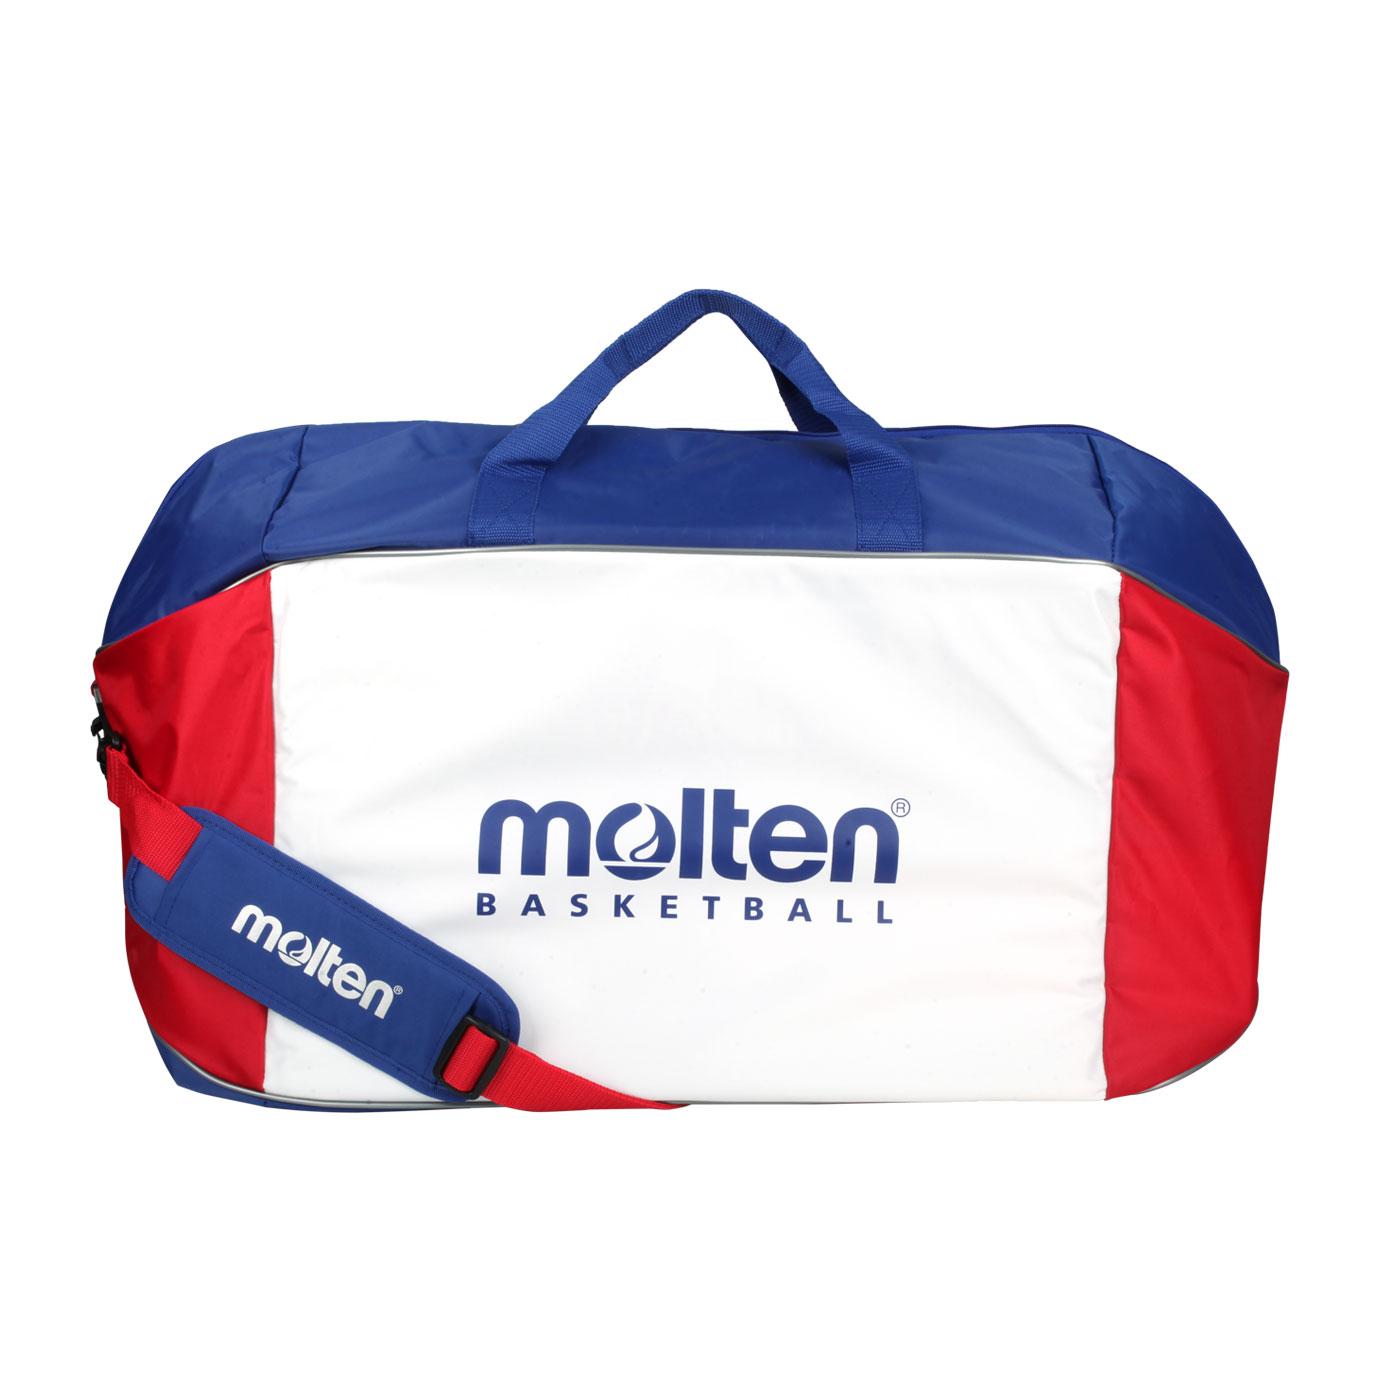 Molten 籃球袋(6入裝) EB0056 - 白紅藍